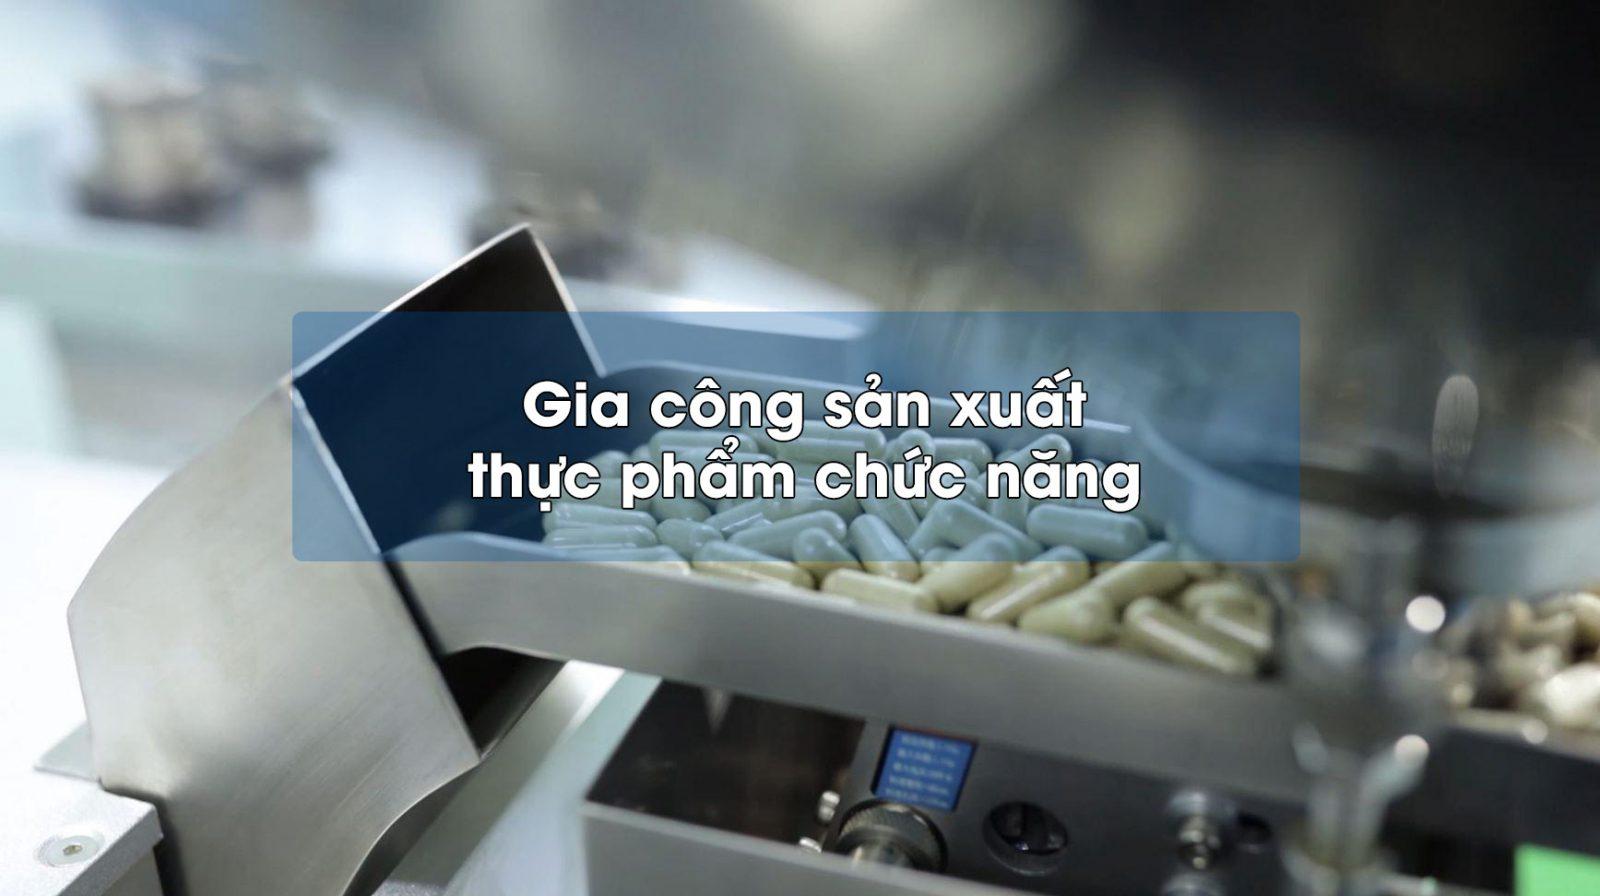 Gia công sản xuất thực phẩm chức năng